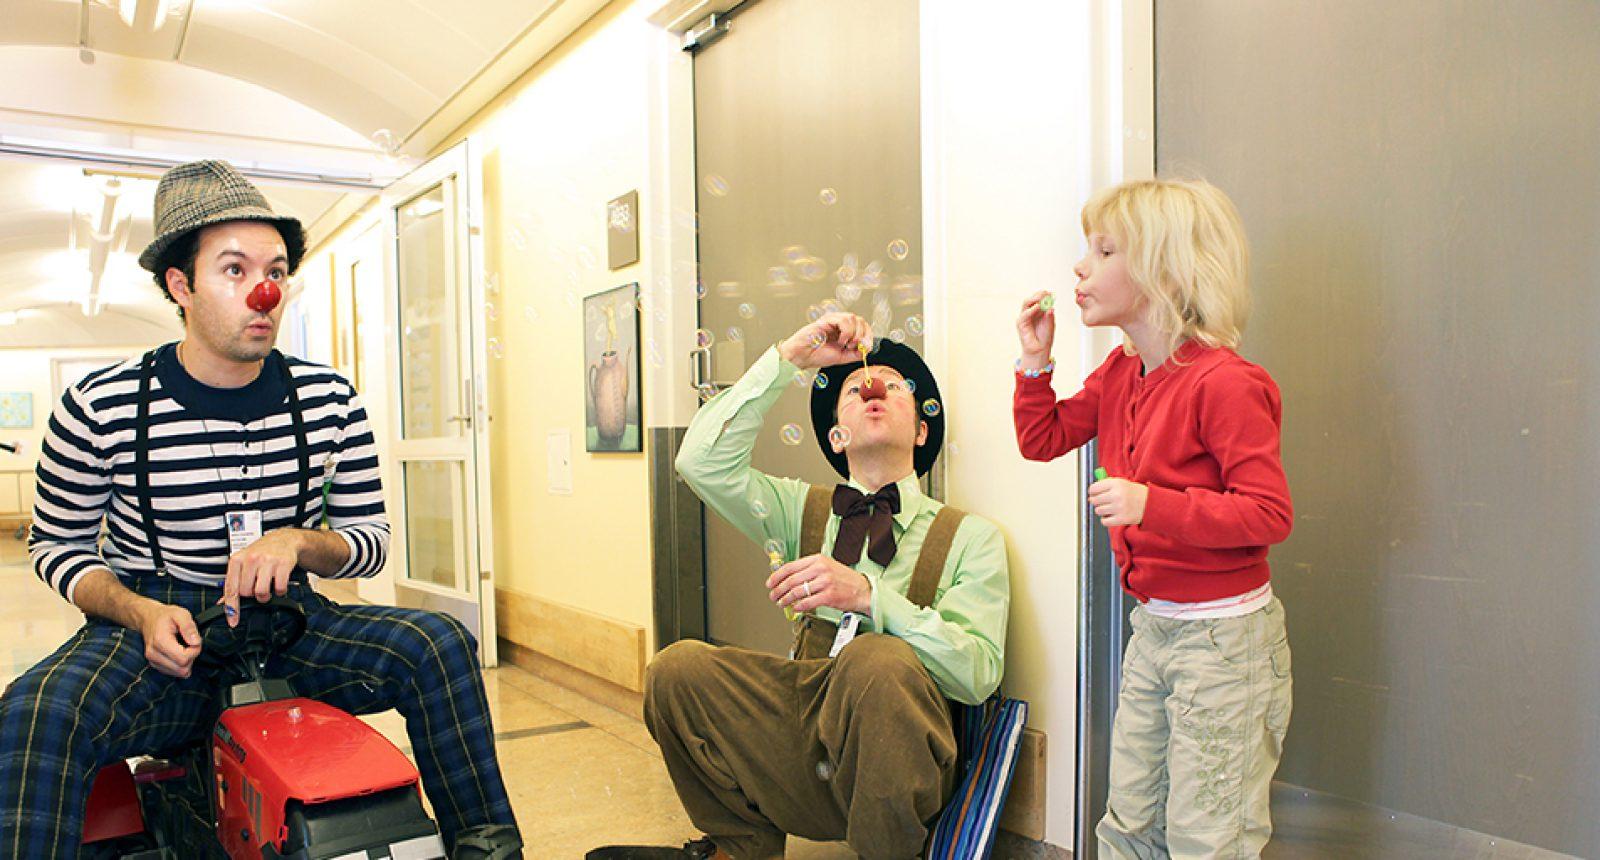 Såpebobler Ⓒ Foto Mathias Jørgensen, Sykehusklovnene